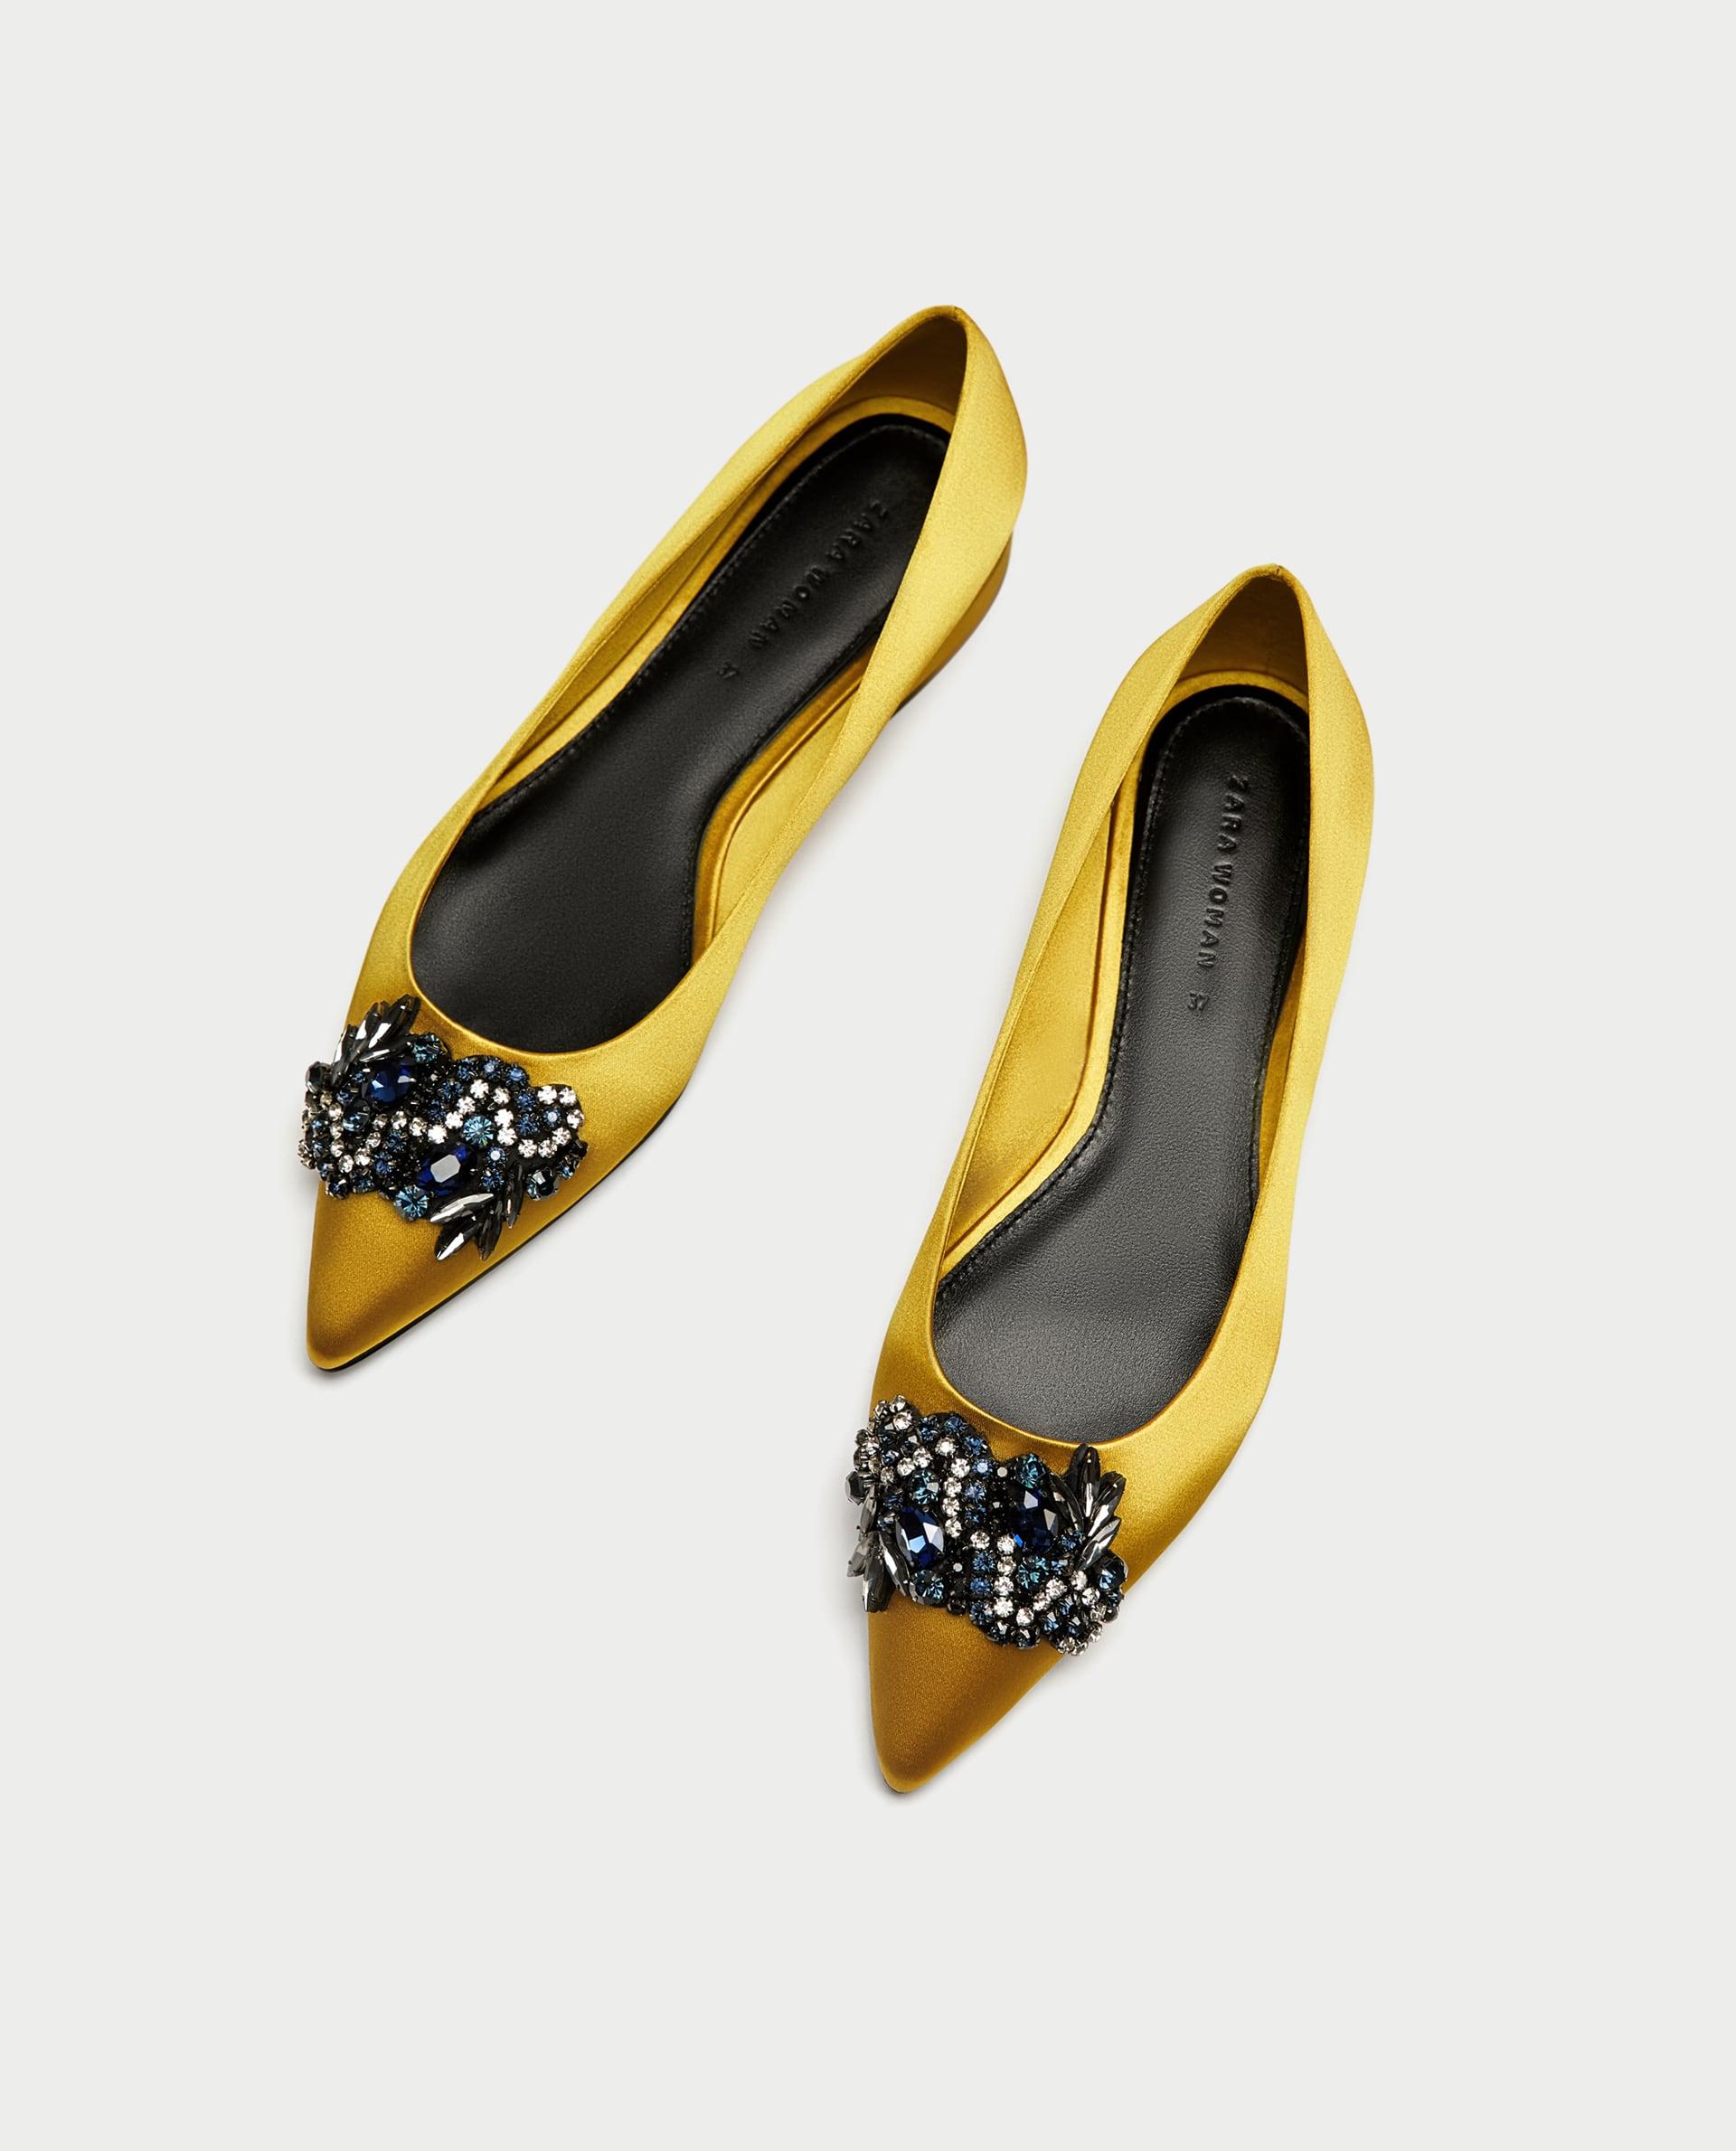 ballerine gialle zara - Shoeplay Fashion blog di scarpe da donna 05b22afd4a1